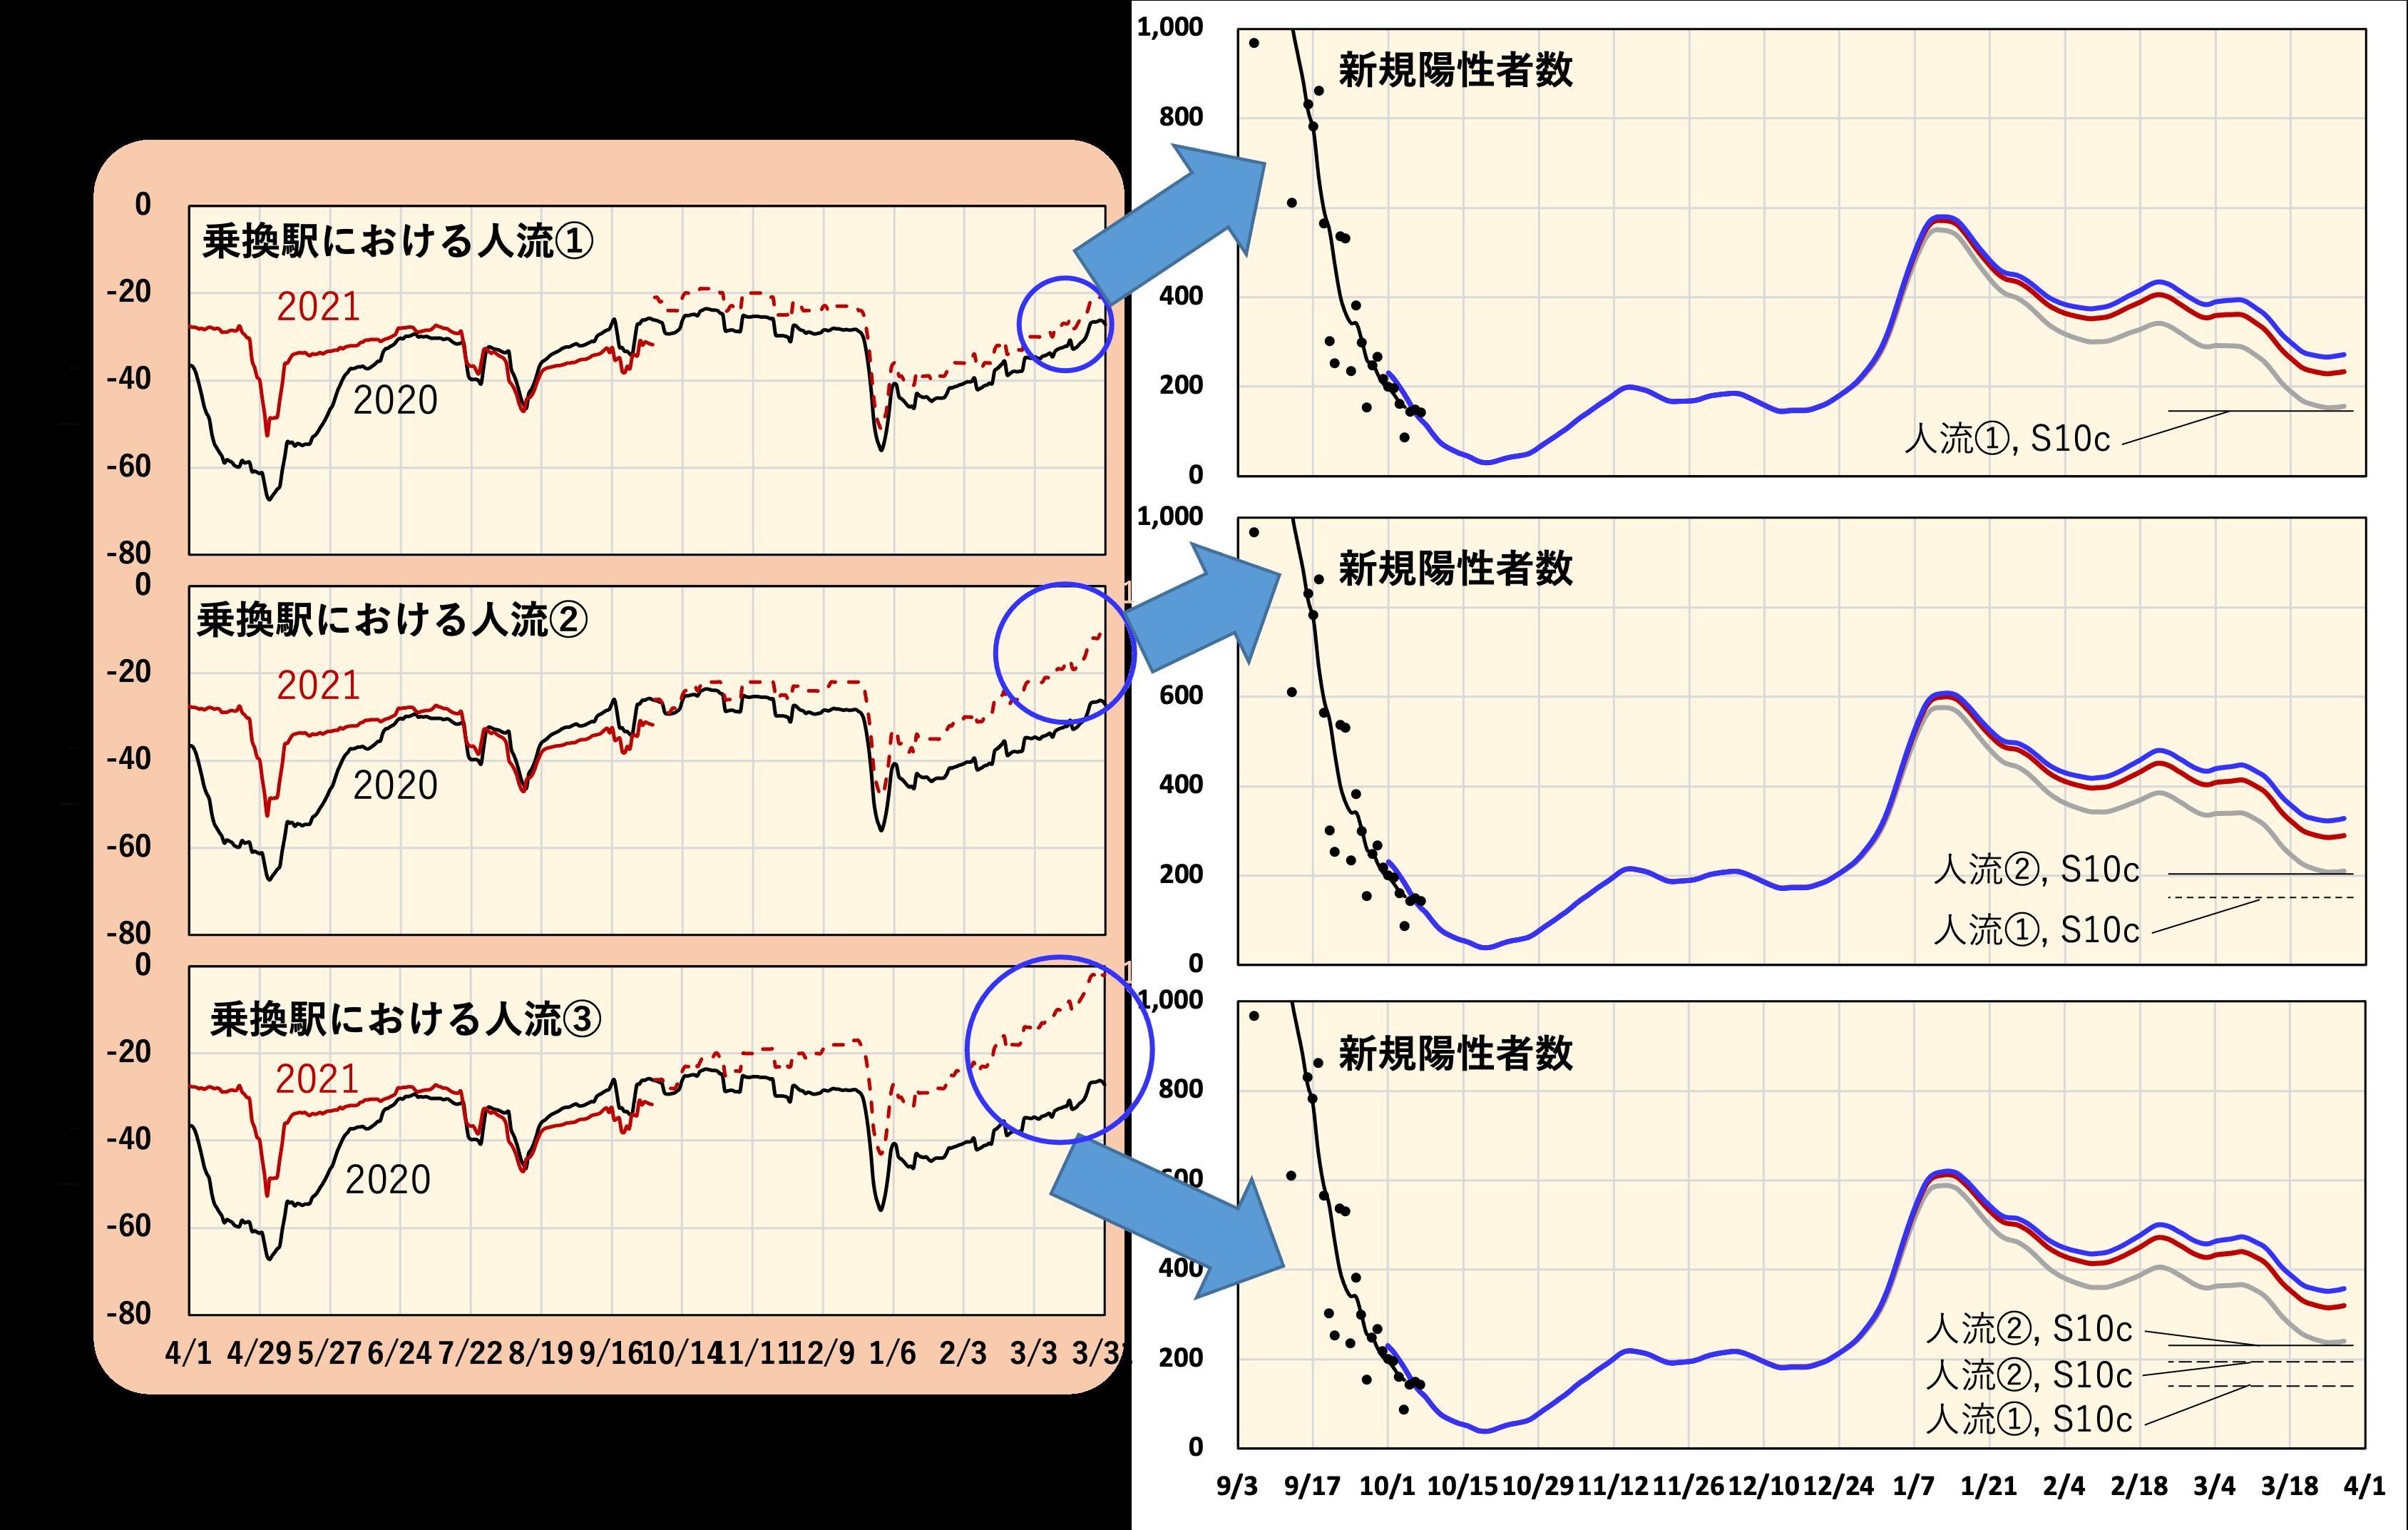 人流による影響を考察(現在の東京における人流を基準)